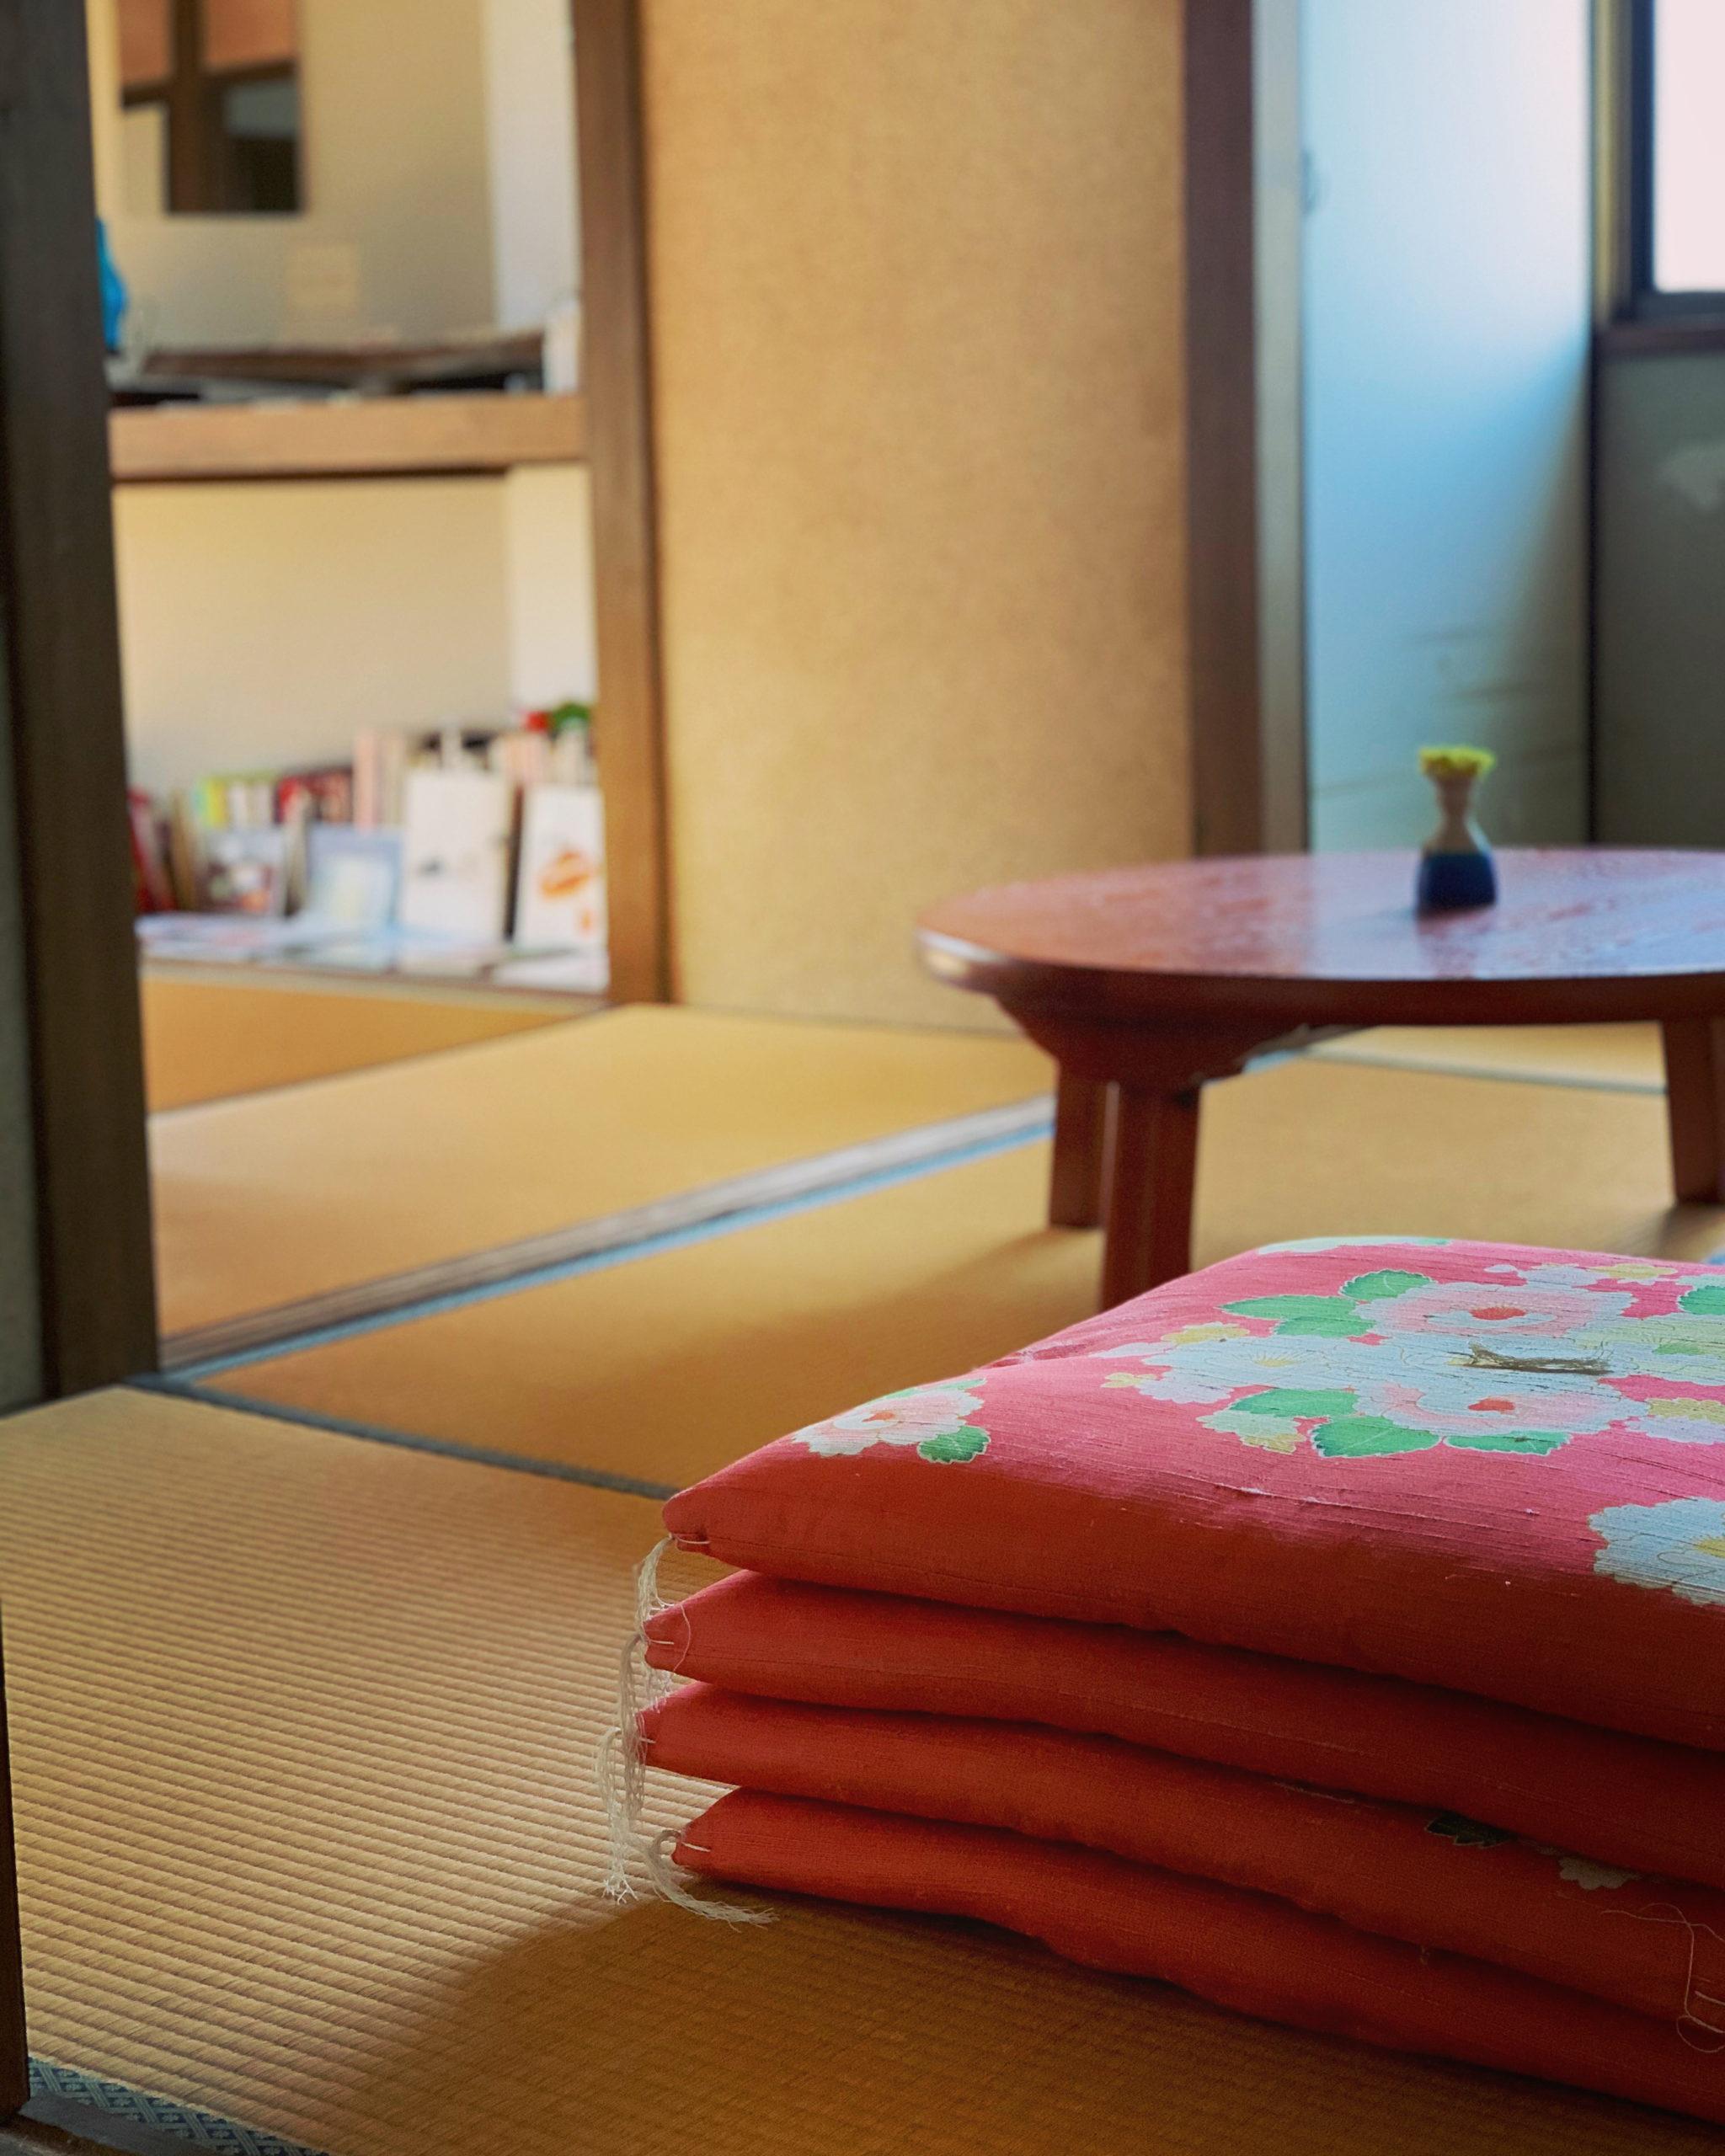 パン教室FUKURAのレトロなちゃぶ台と真っ赤なお座布団の風景